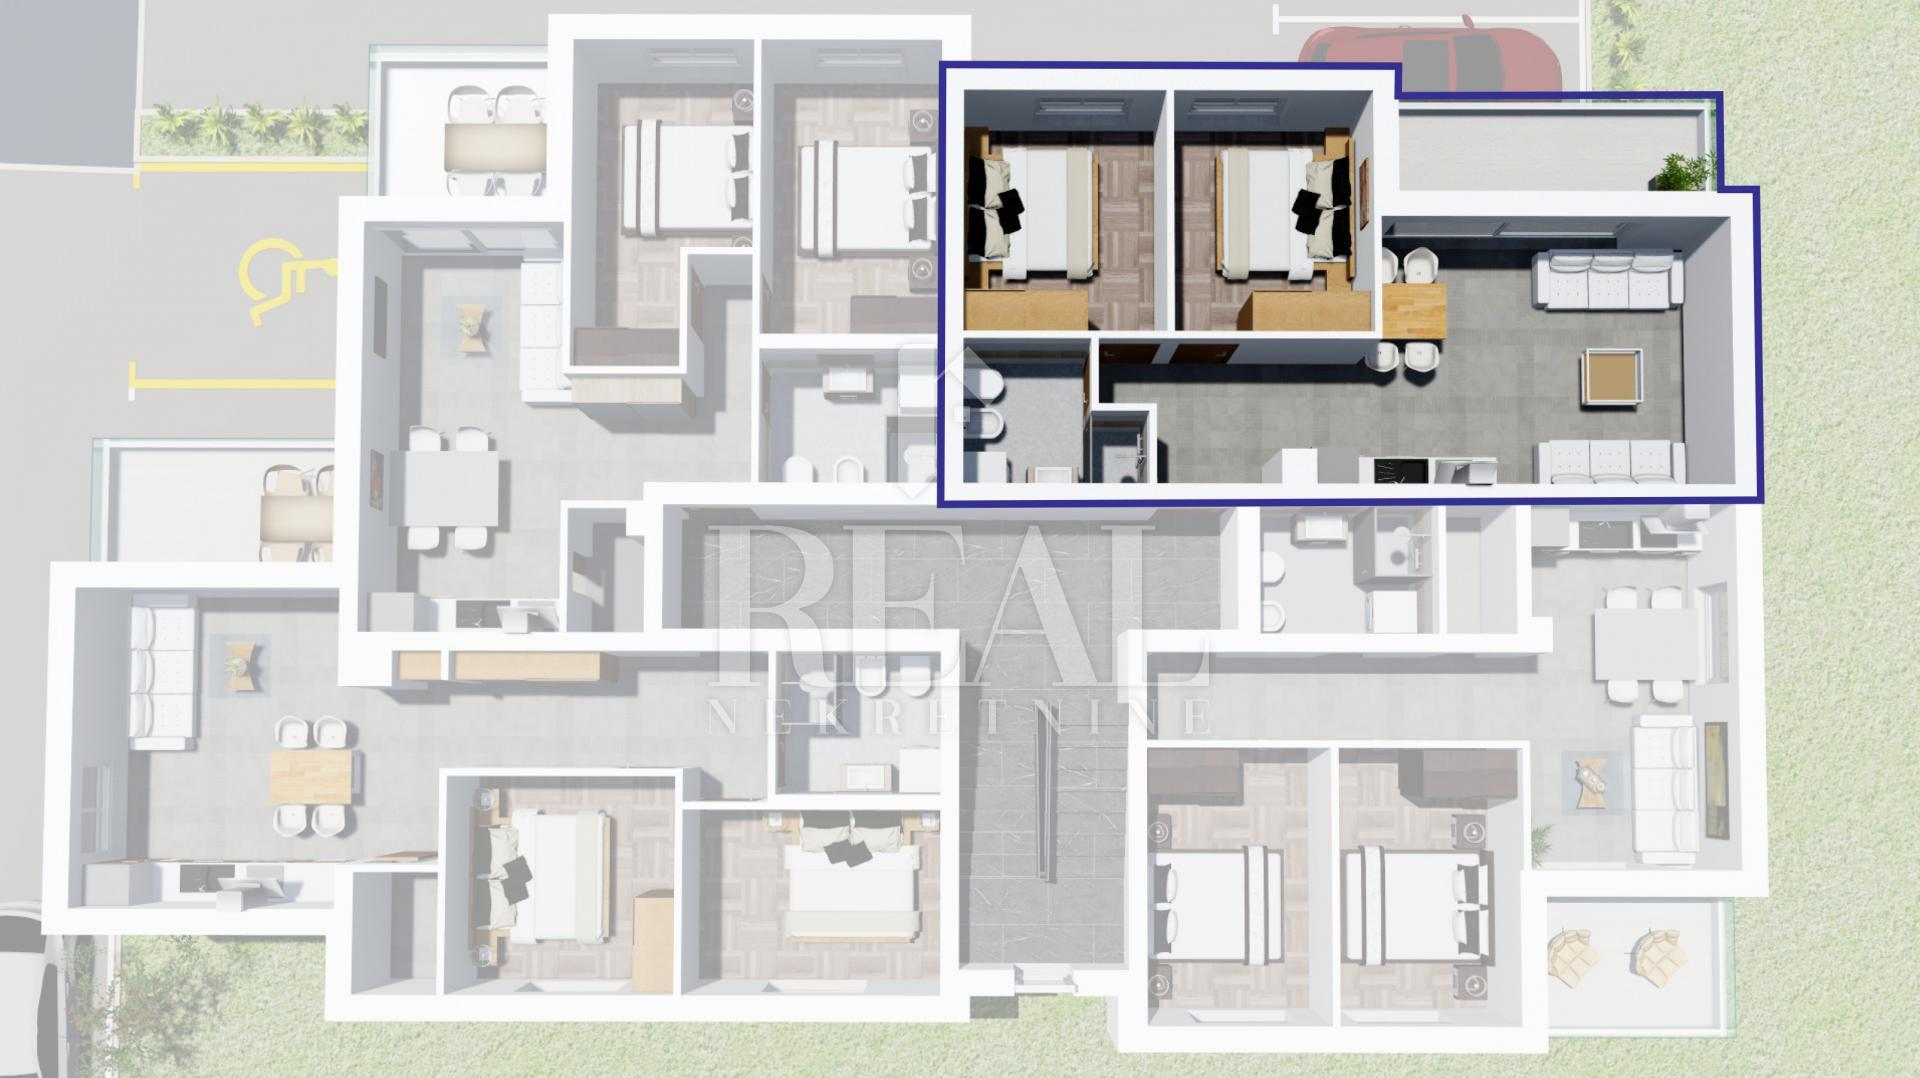 Novogradnja Peroj,apartman  47,86 m2,balkon